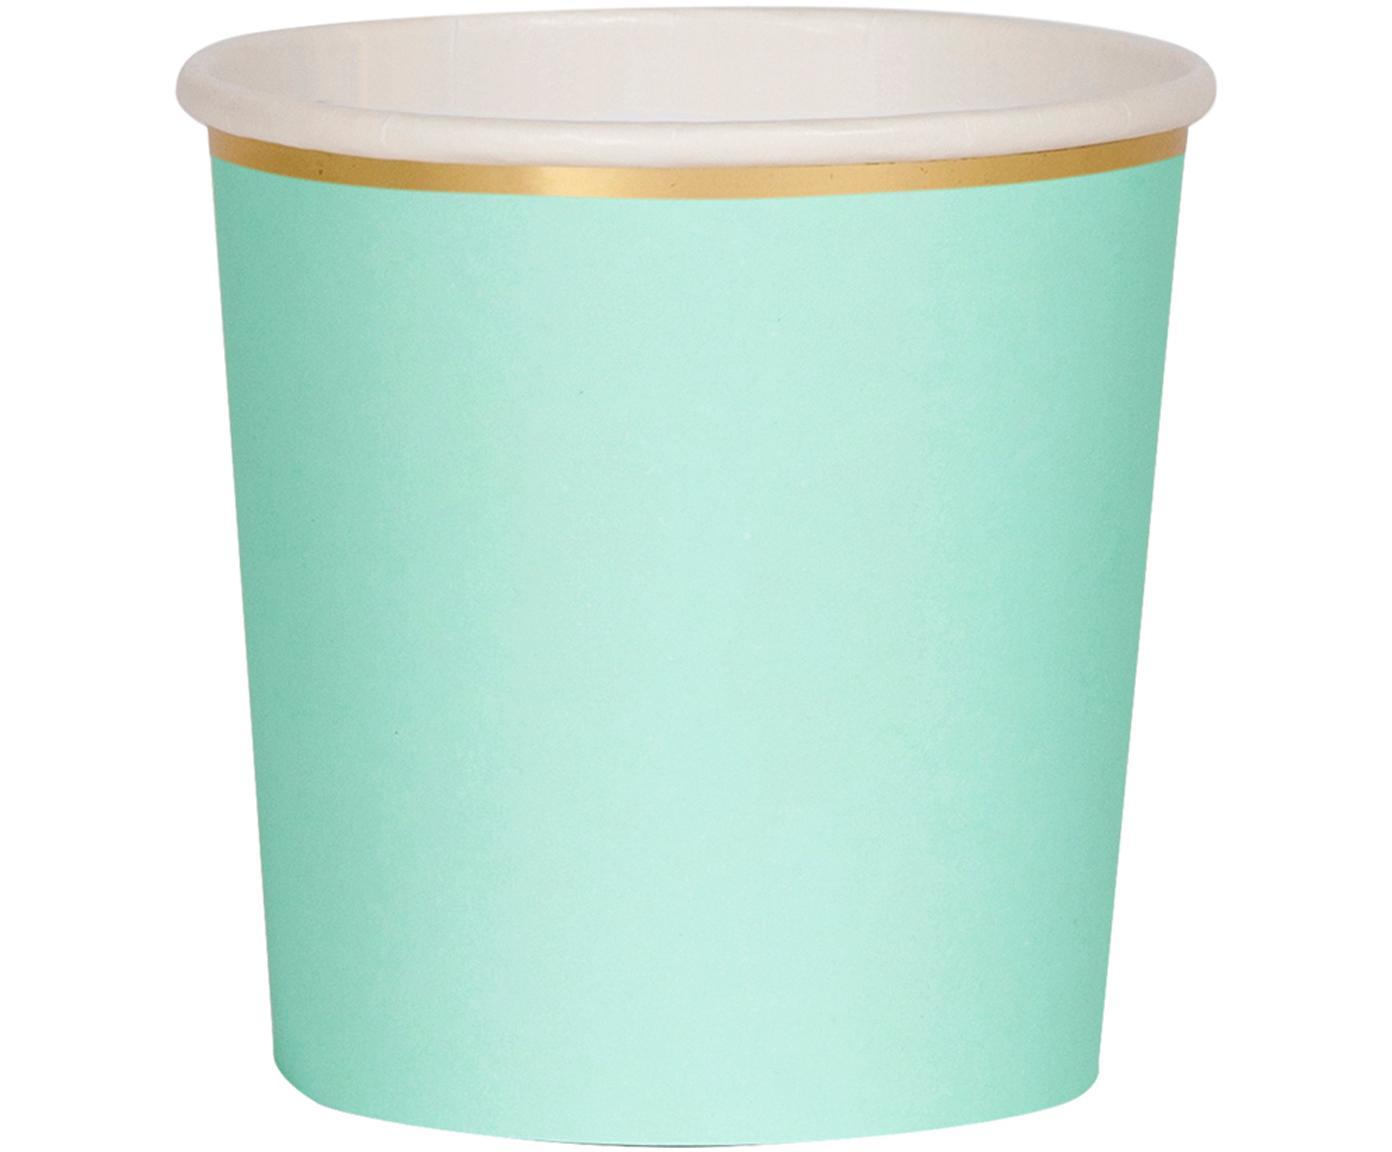 Tazza senza manico di carta Simply Eco, 8 pz., Carta, sventato, Verde menta, Ø 8 x Alt. 8 cm